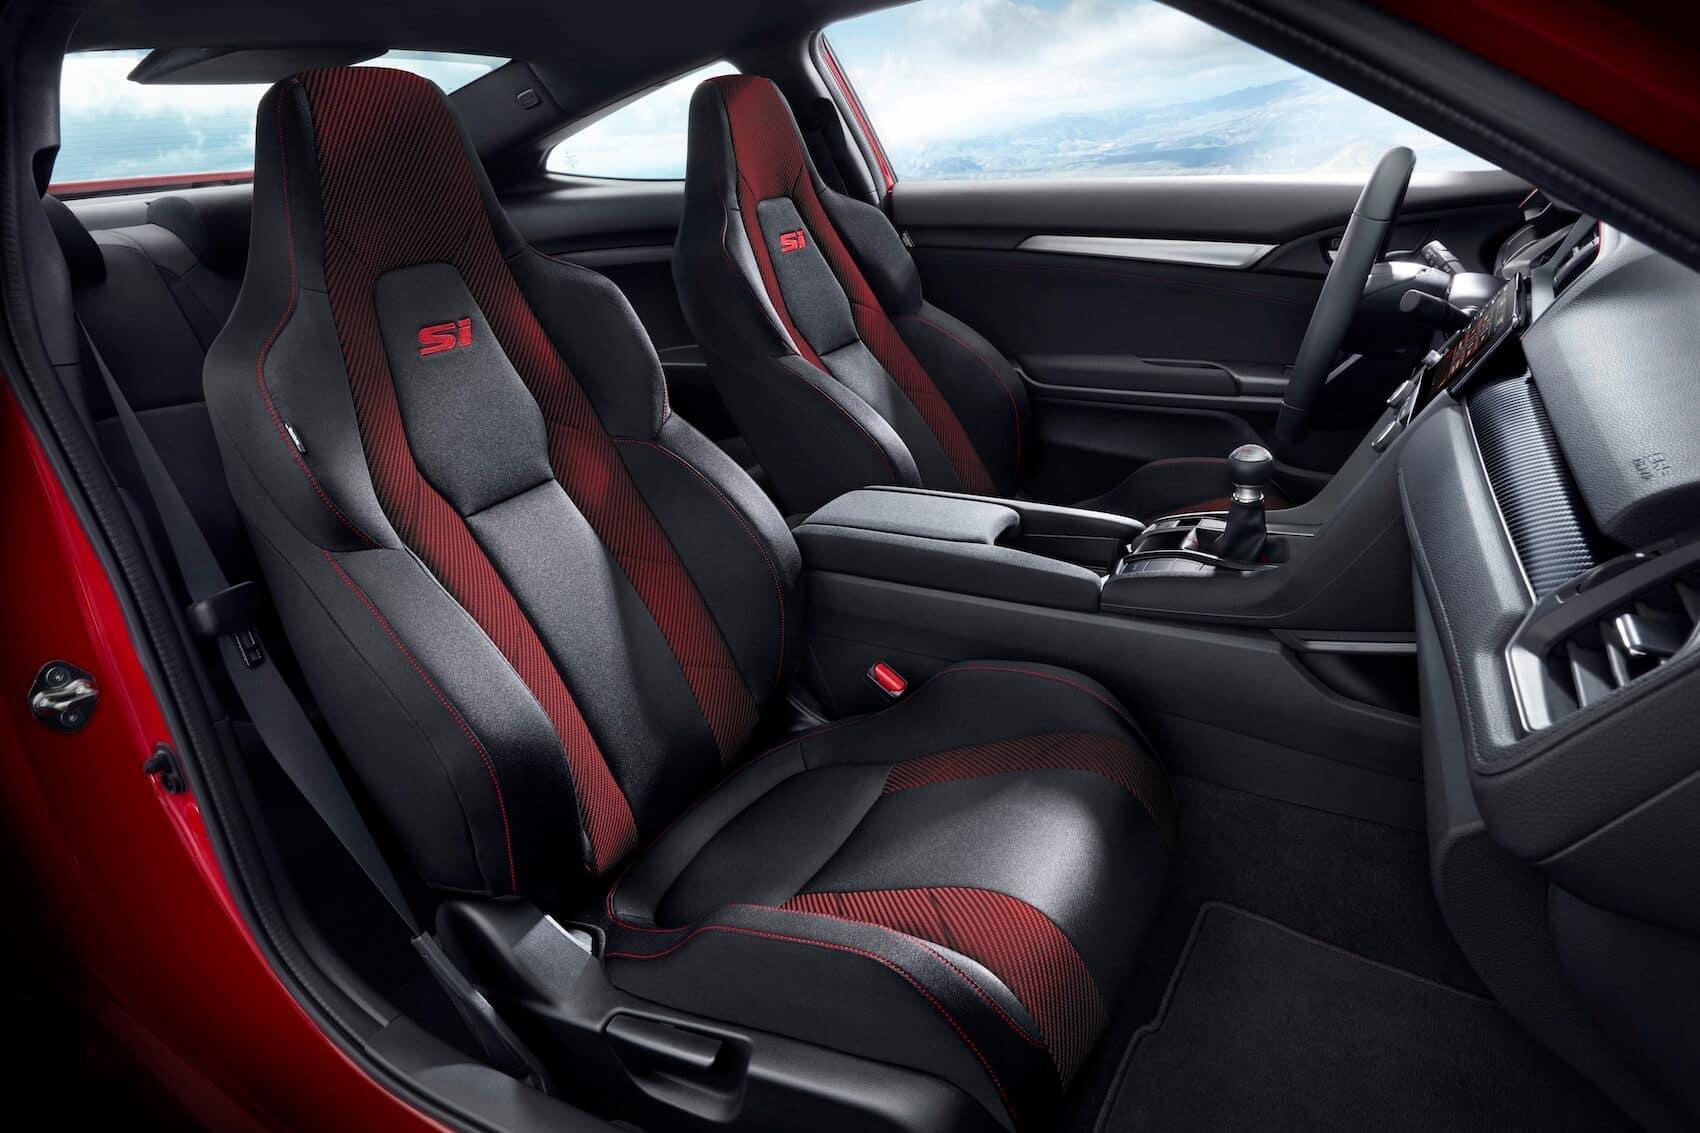 Honda Civic Interior: Comfort Redefined